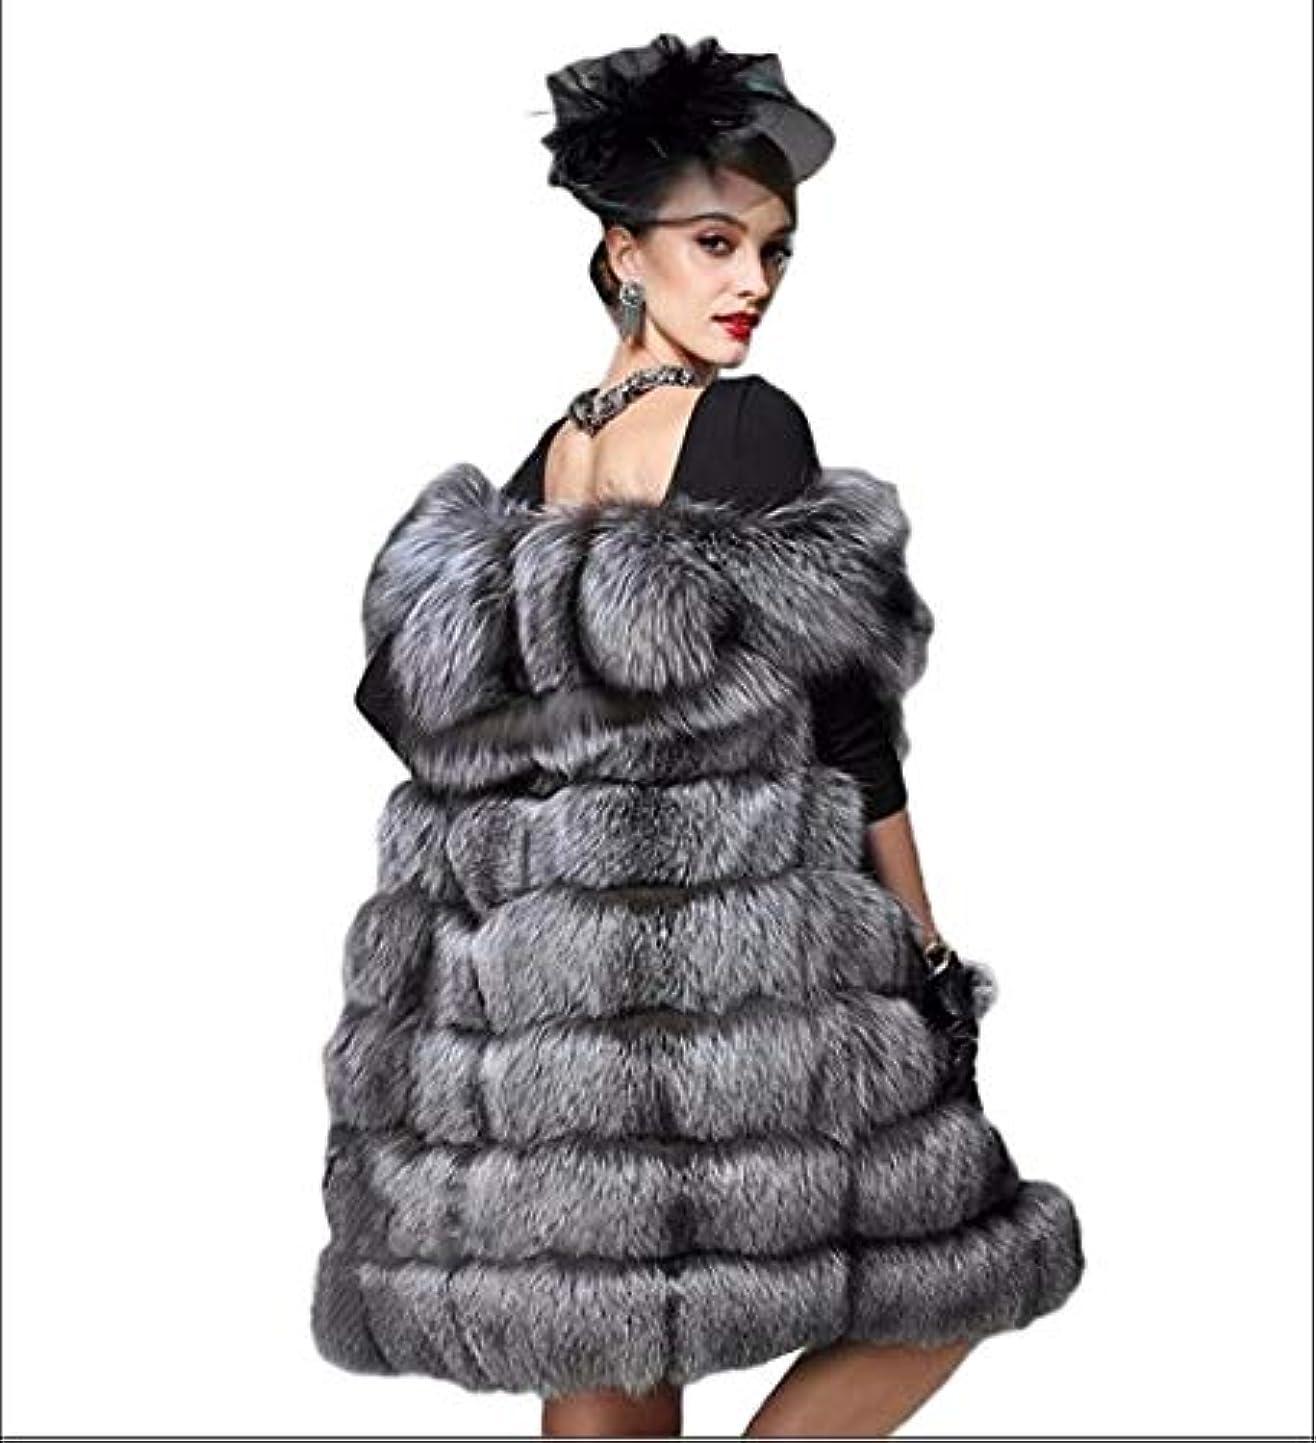 工業化するイベント速度女性のフェイクファーベストベストフェイクファーウォーム暖かいふわふわの高級アウターウェア秋ファッションスタイルロングスリーブステッチGilet,M